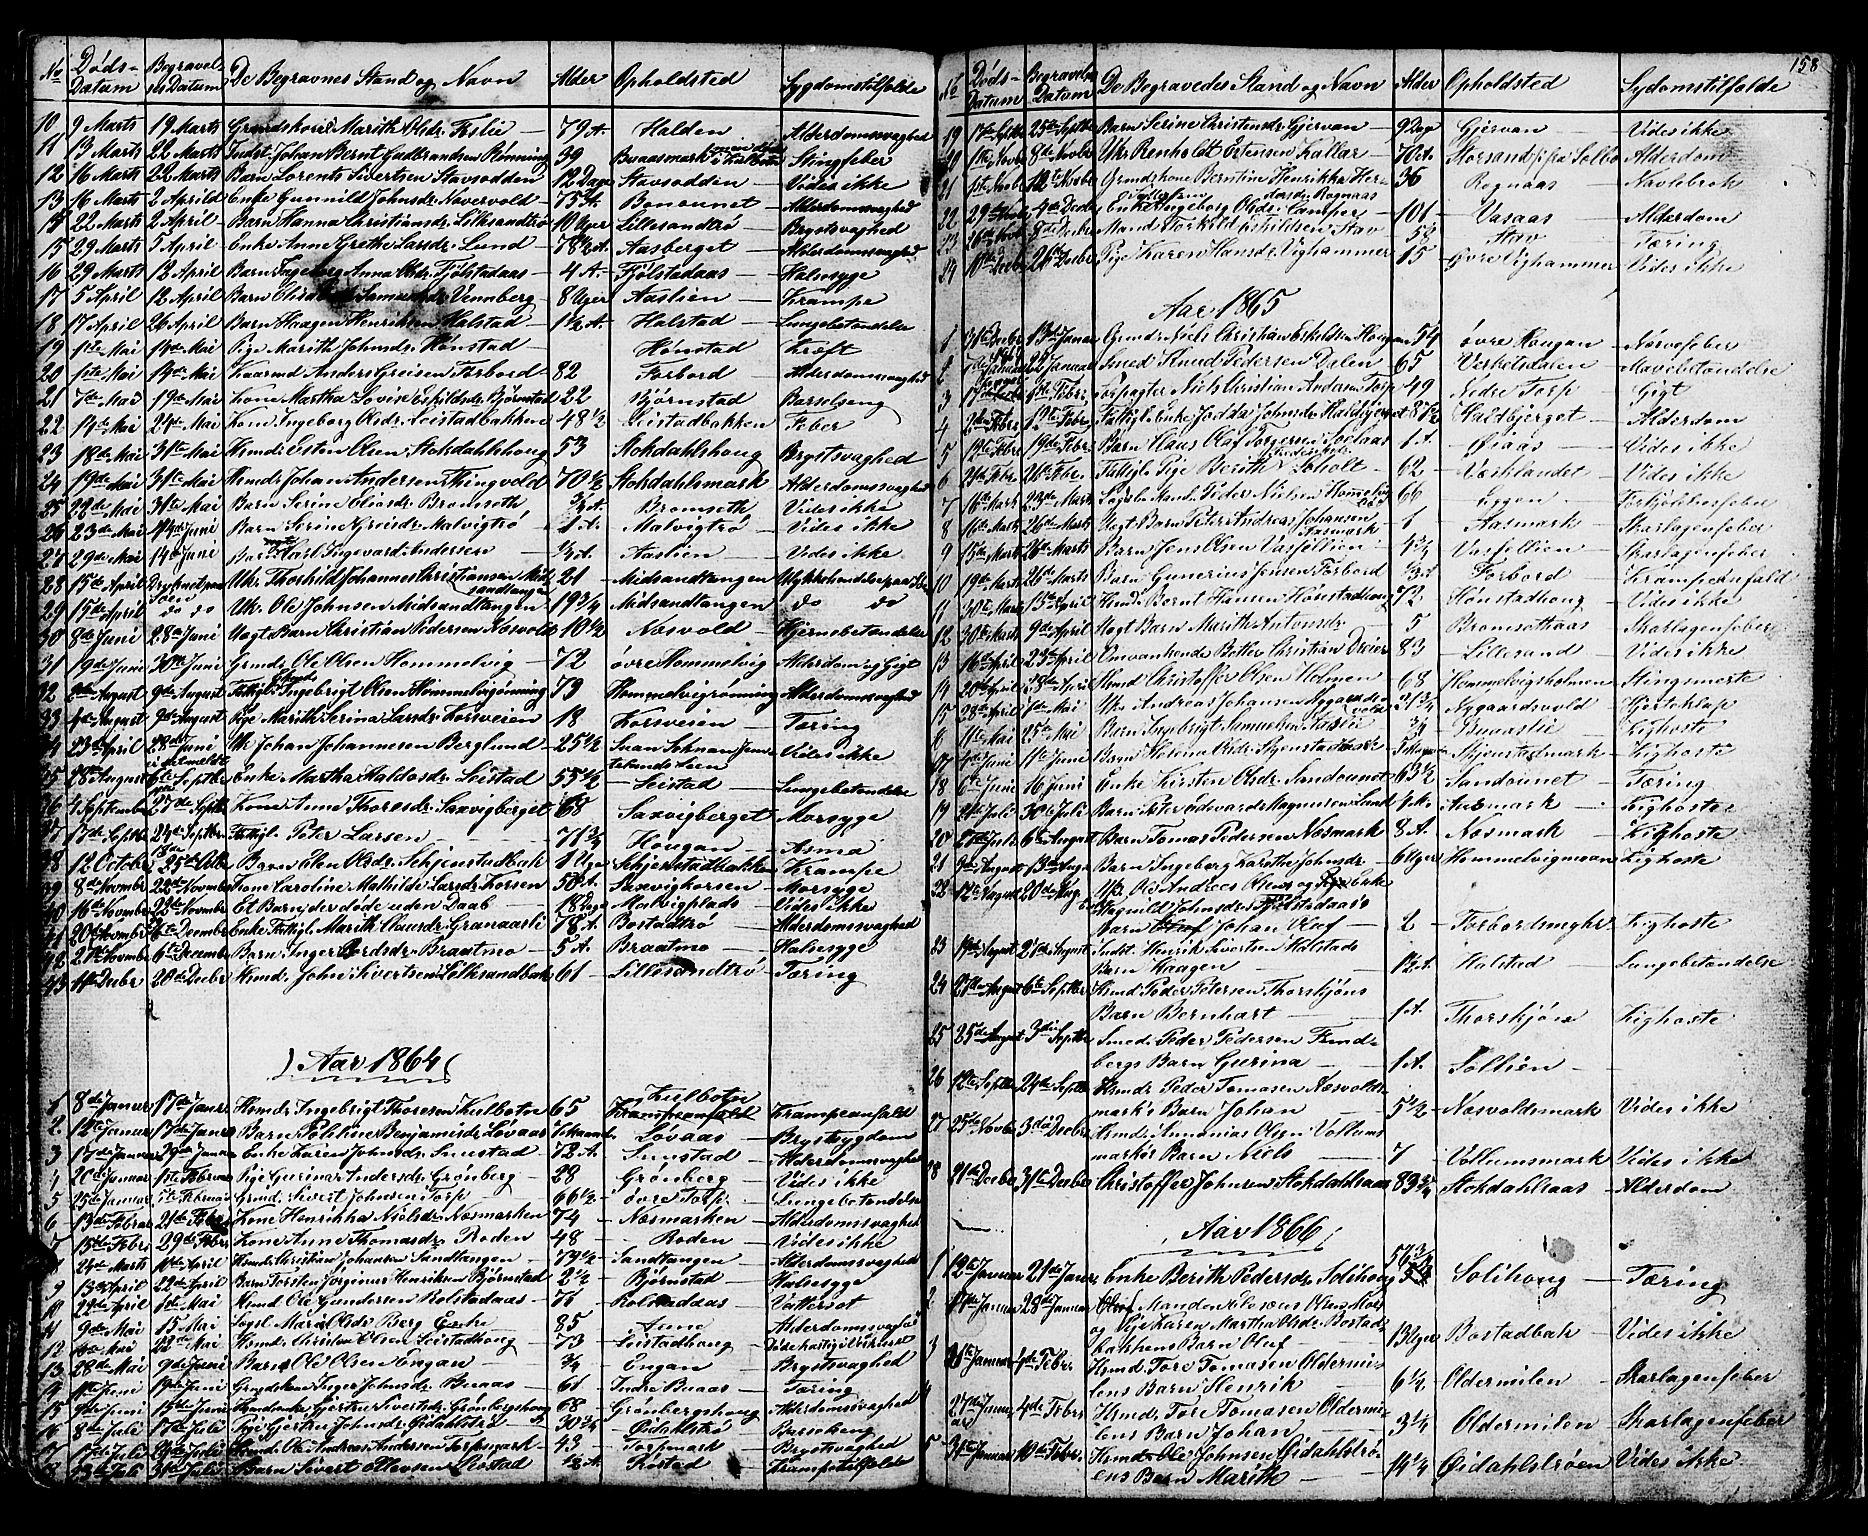 SAT, Ministerialprotokoller, klokkerbøker og fødselsregistre - Sør-Trøndelag, 616/L0422: Klokkerbok nr. 616C05, 1850-1888, s. 158